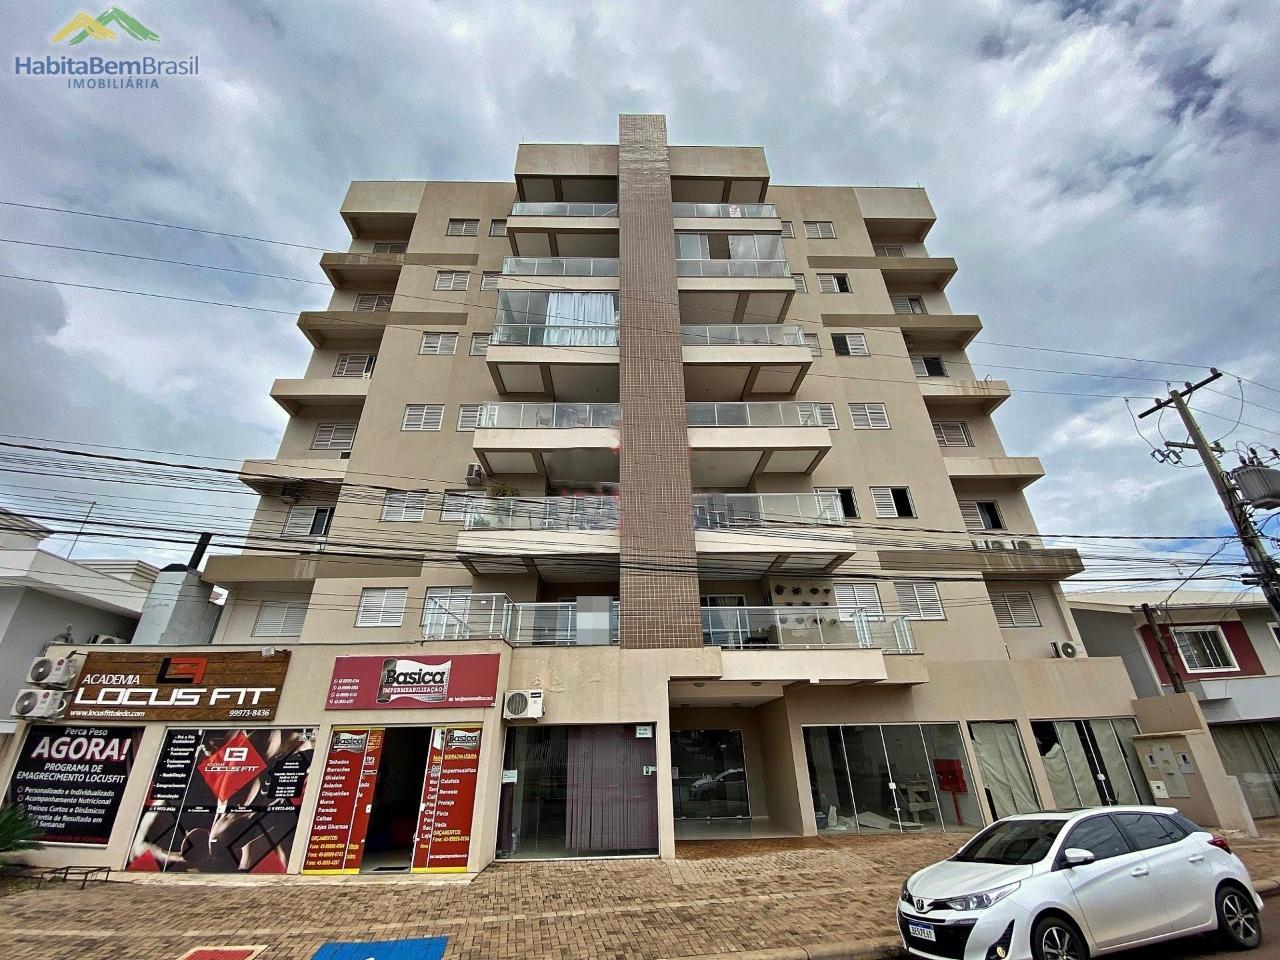 Apartamento com 3 dormitórios à venda,172.70m², VILA INDUSTRIAL, TOLEDO - PR